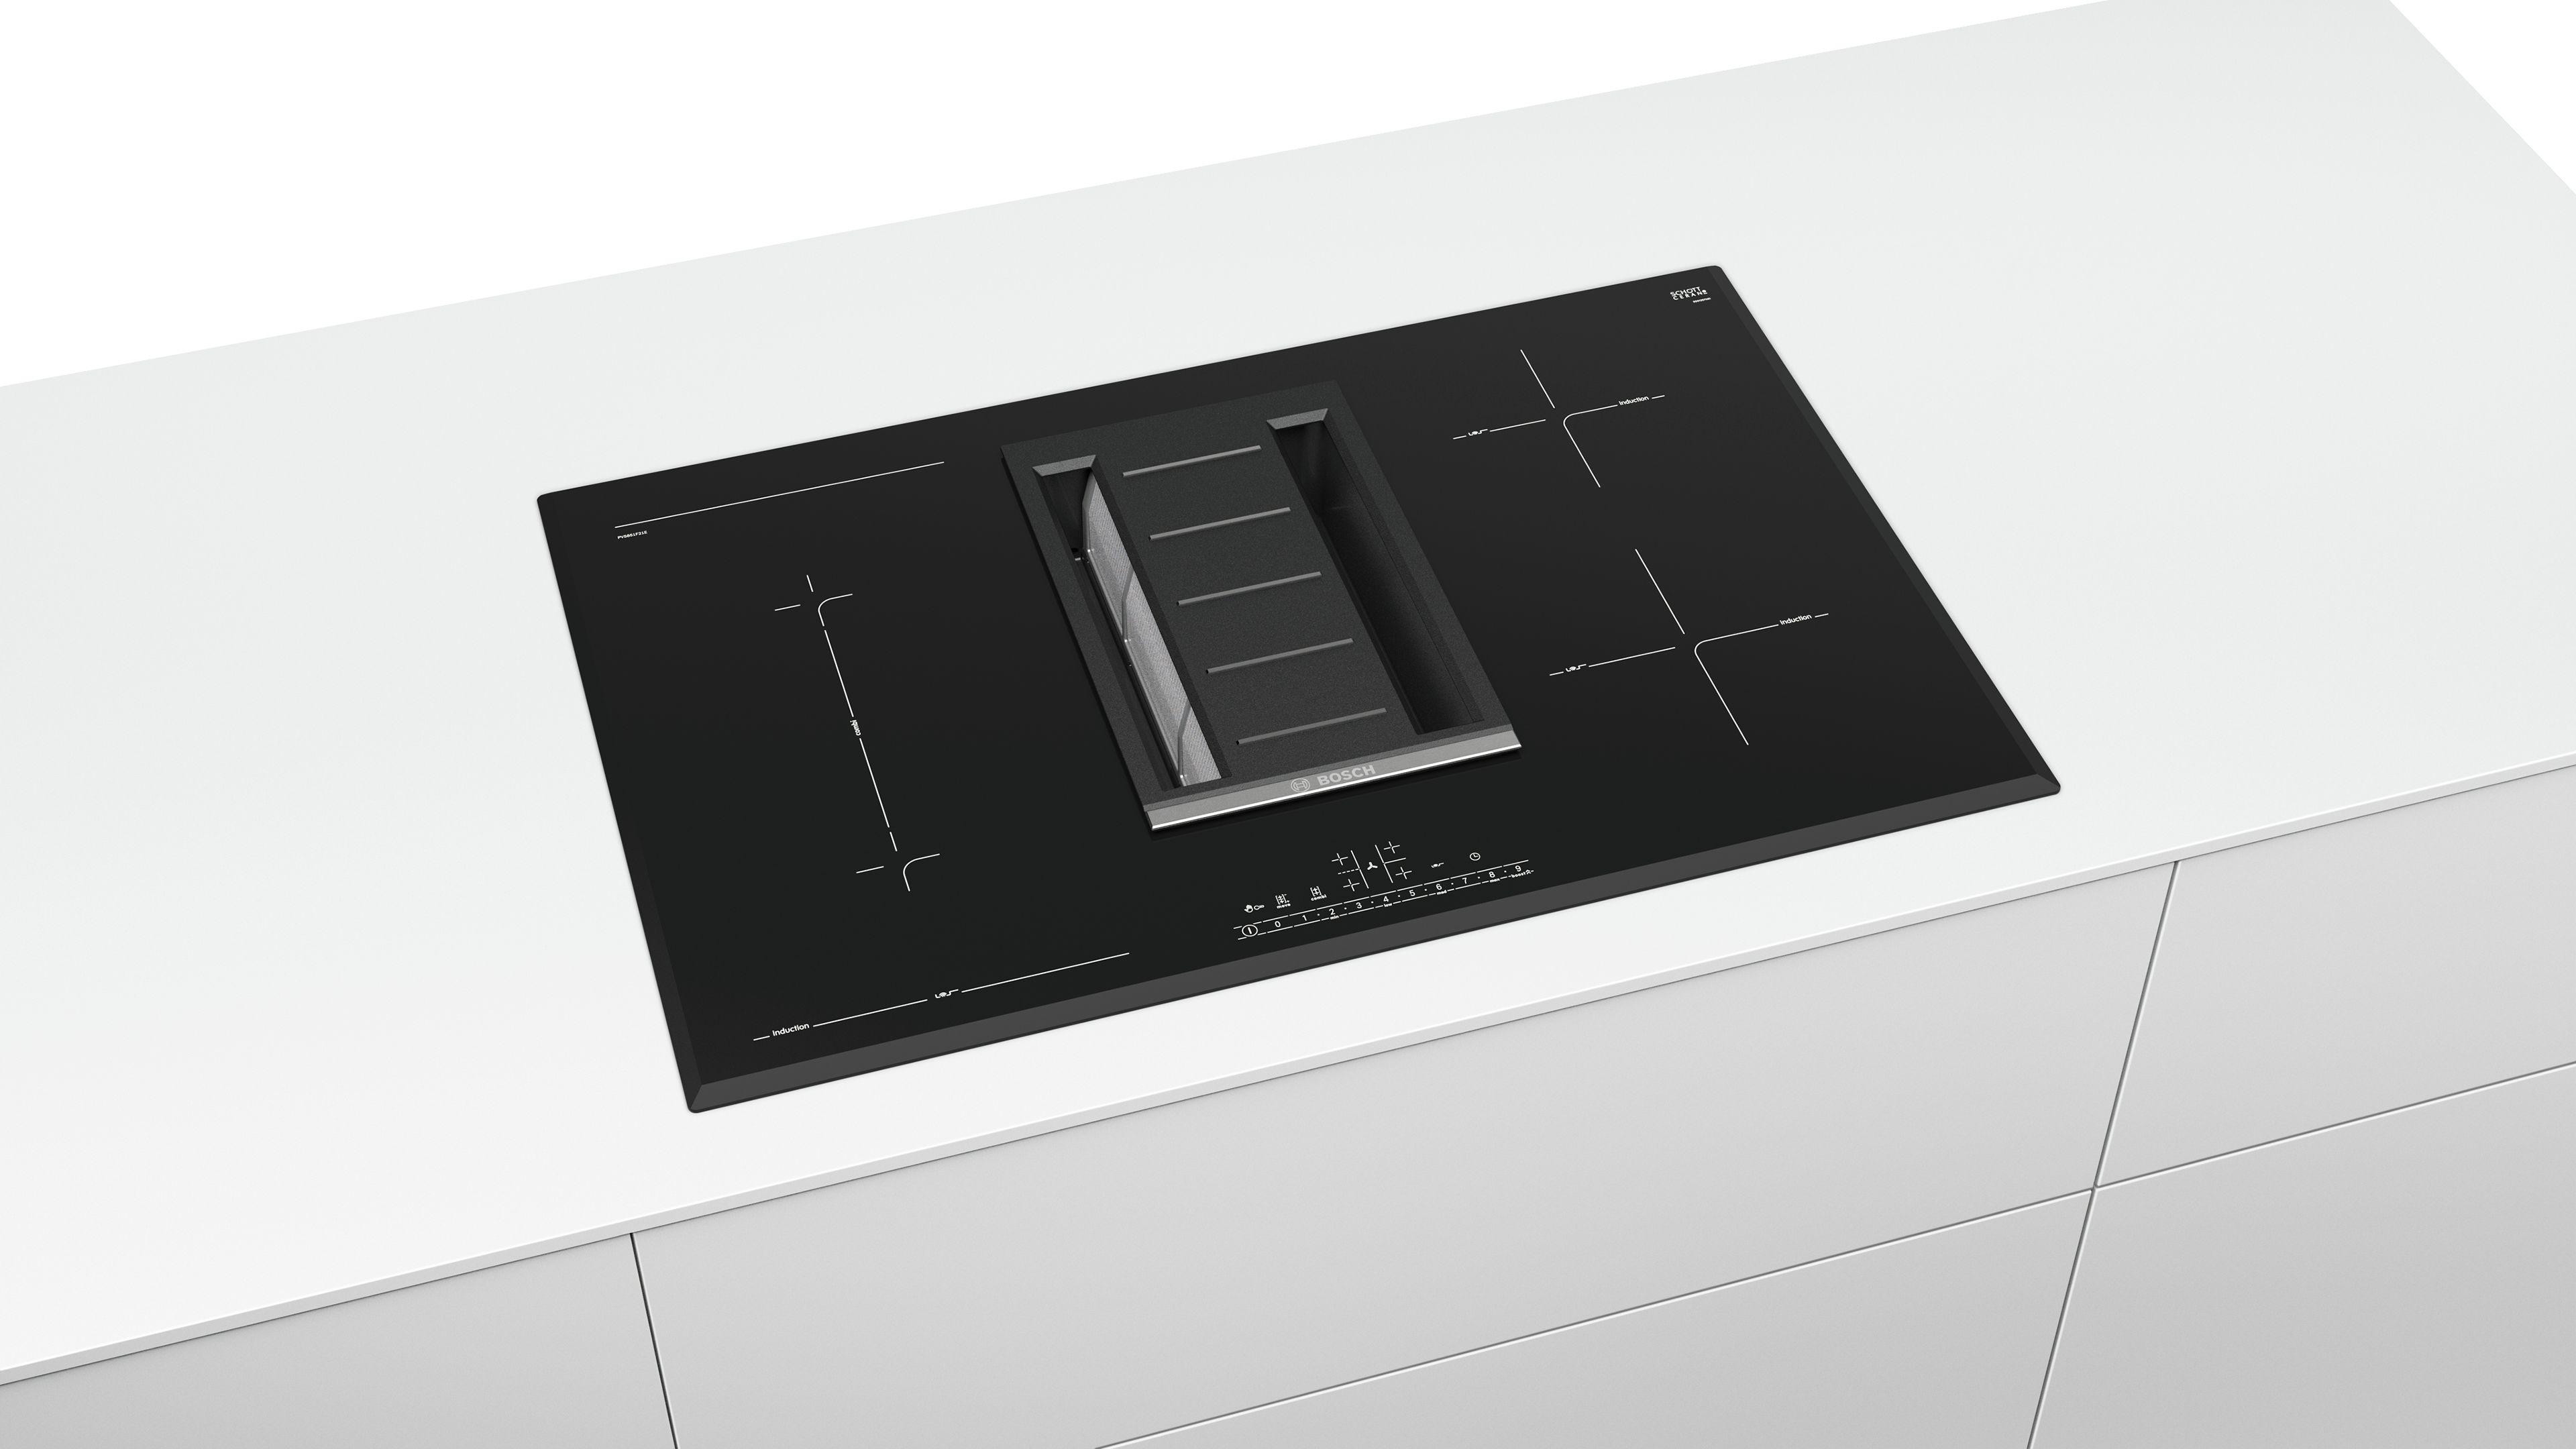 Induk. ploča za kuvanje sa int. aspirat. Indukciona staklokeramička ploča za kuvanje, 80 cm